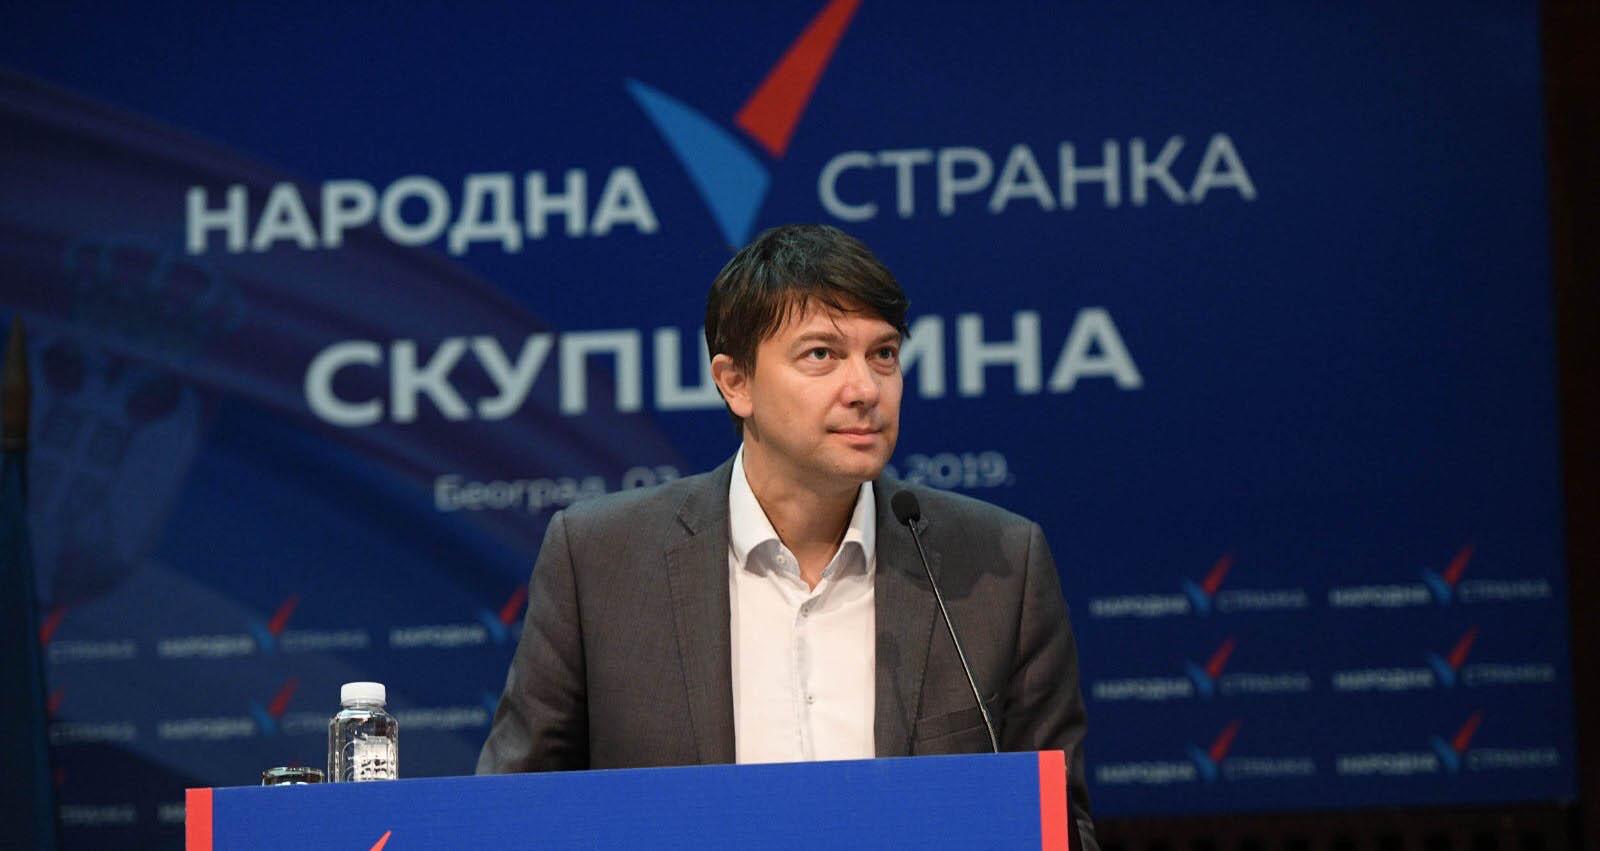 Јовановић: Не смањивати расходе за здравство